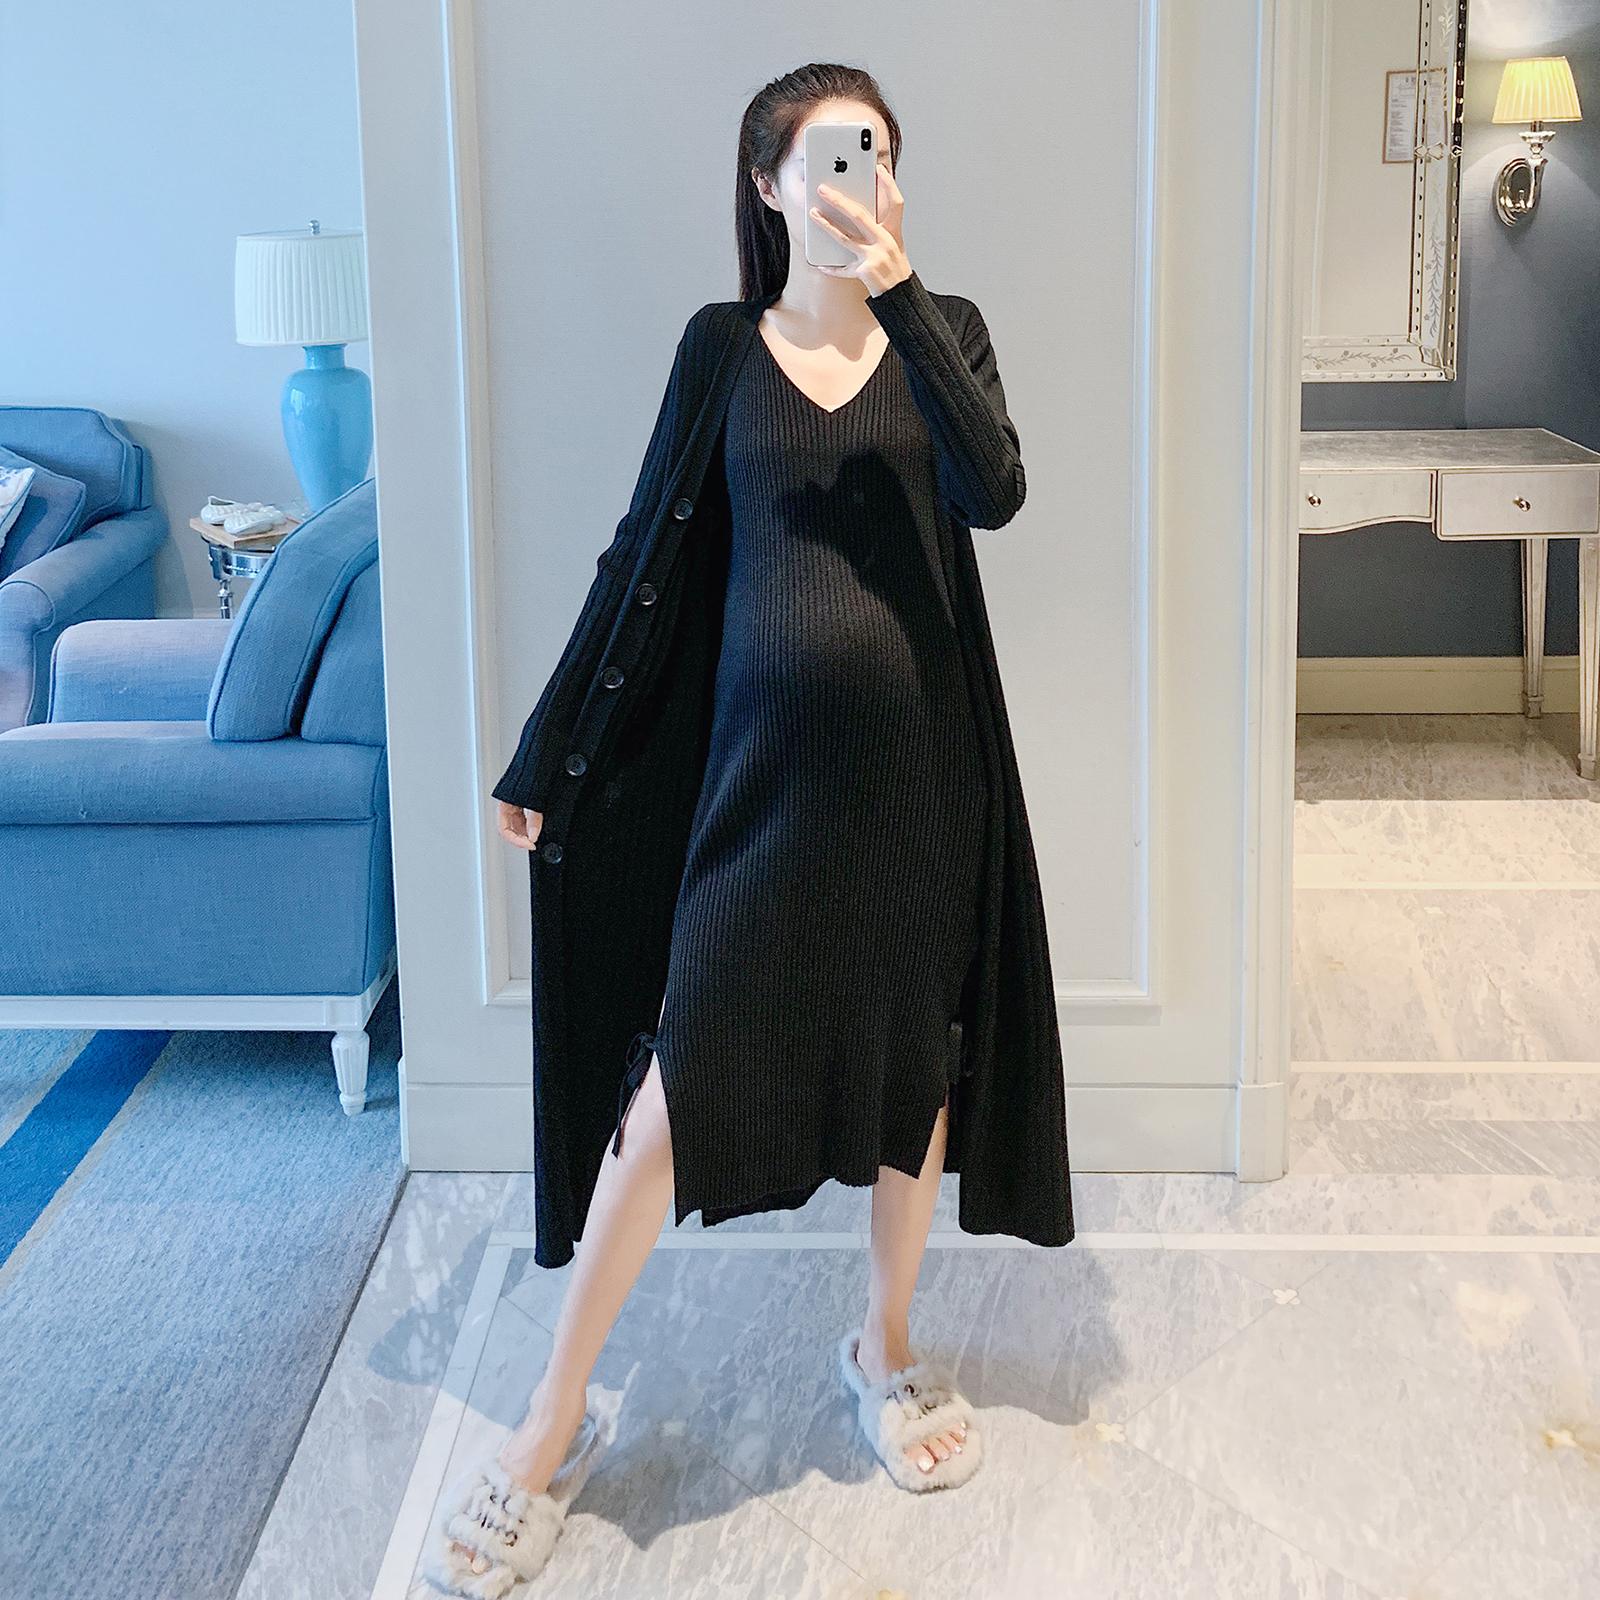 正品保证孕妇装秋款针织长款开衫背心裙